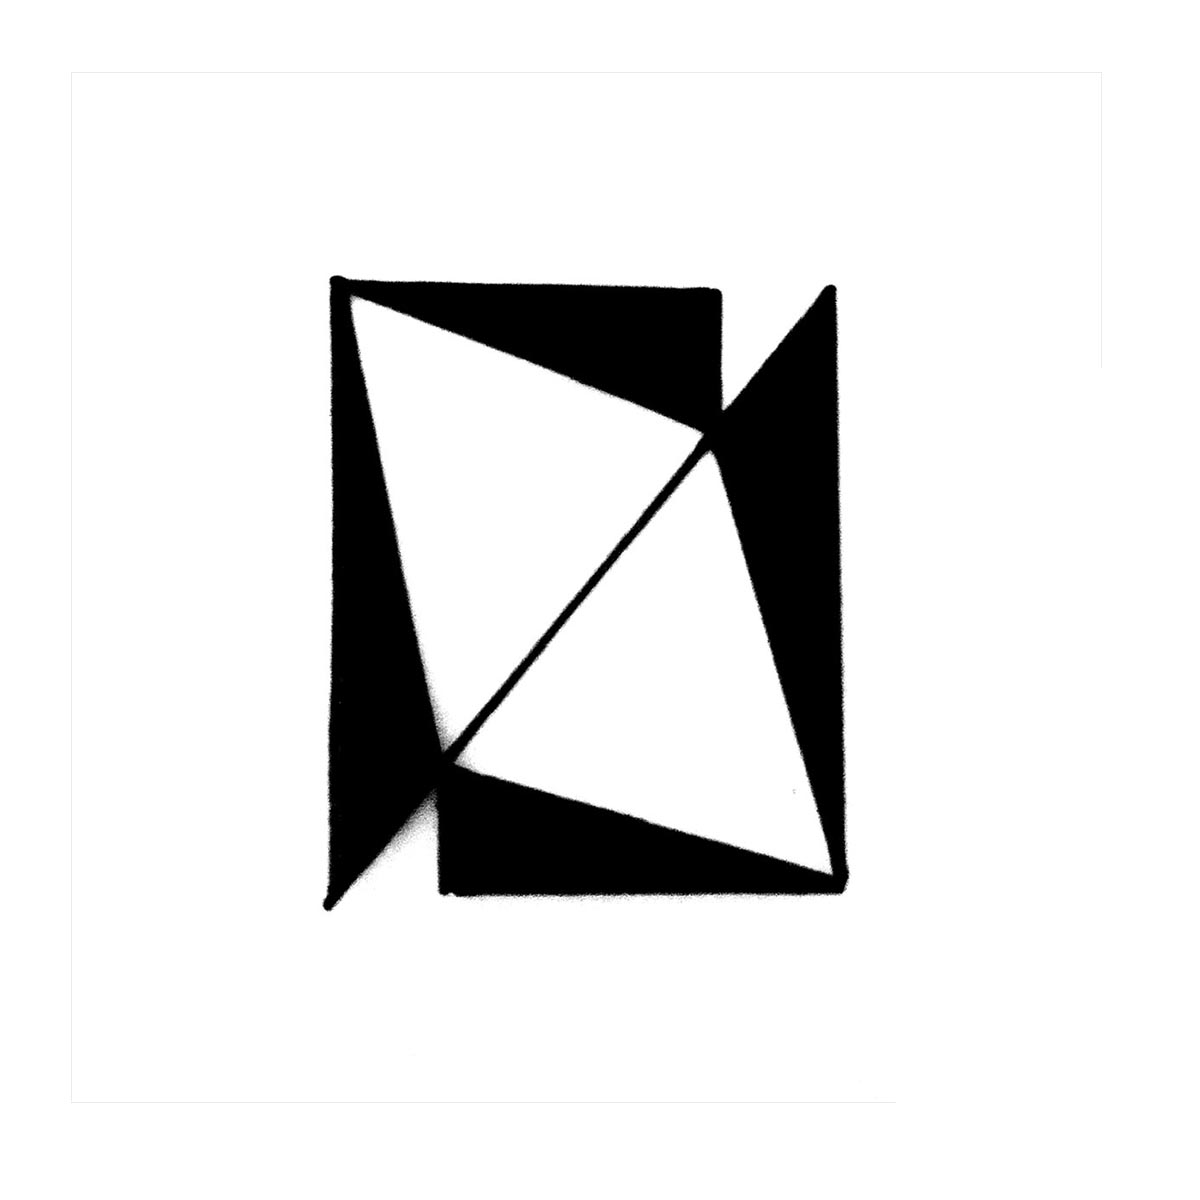 36D-1_0078_0-v2